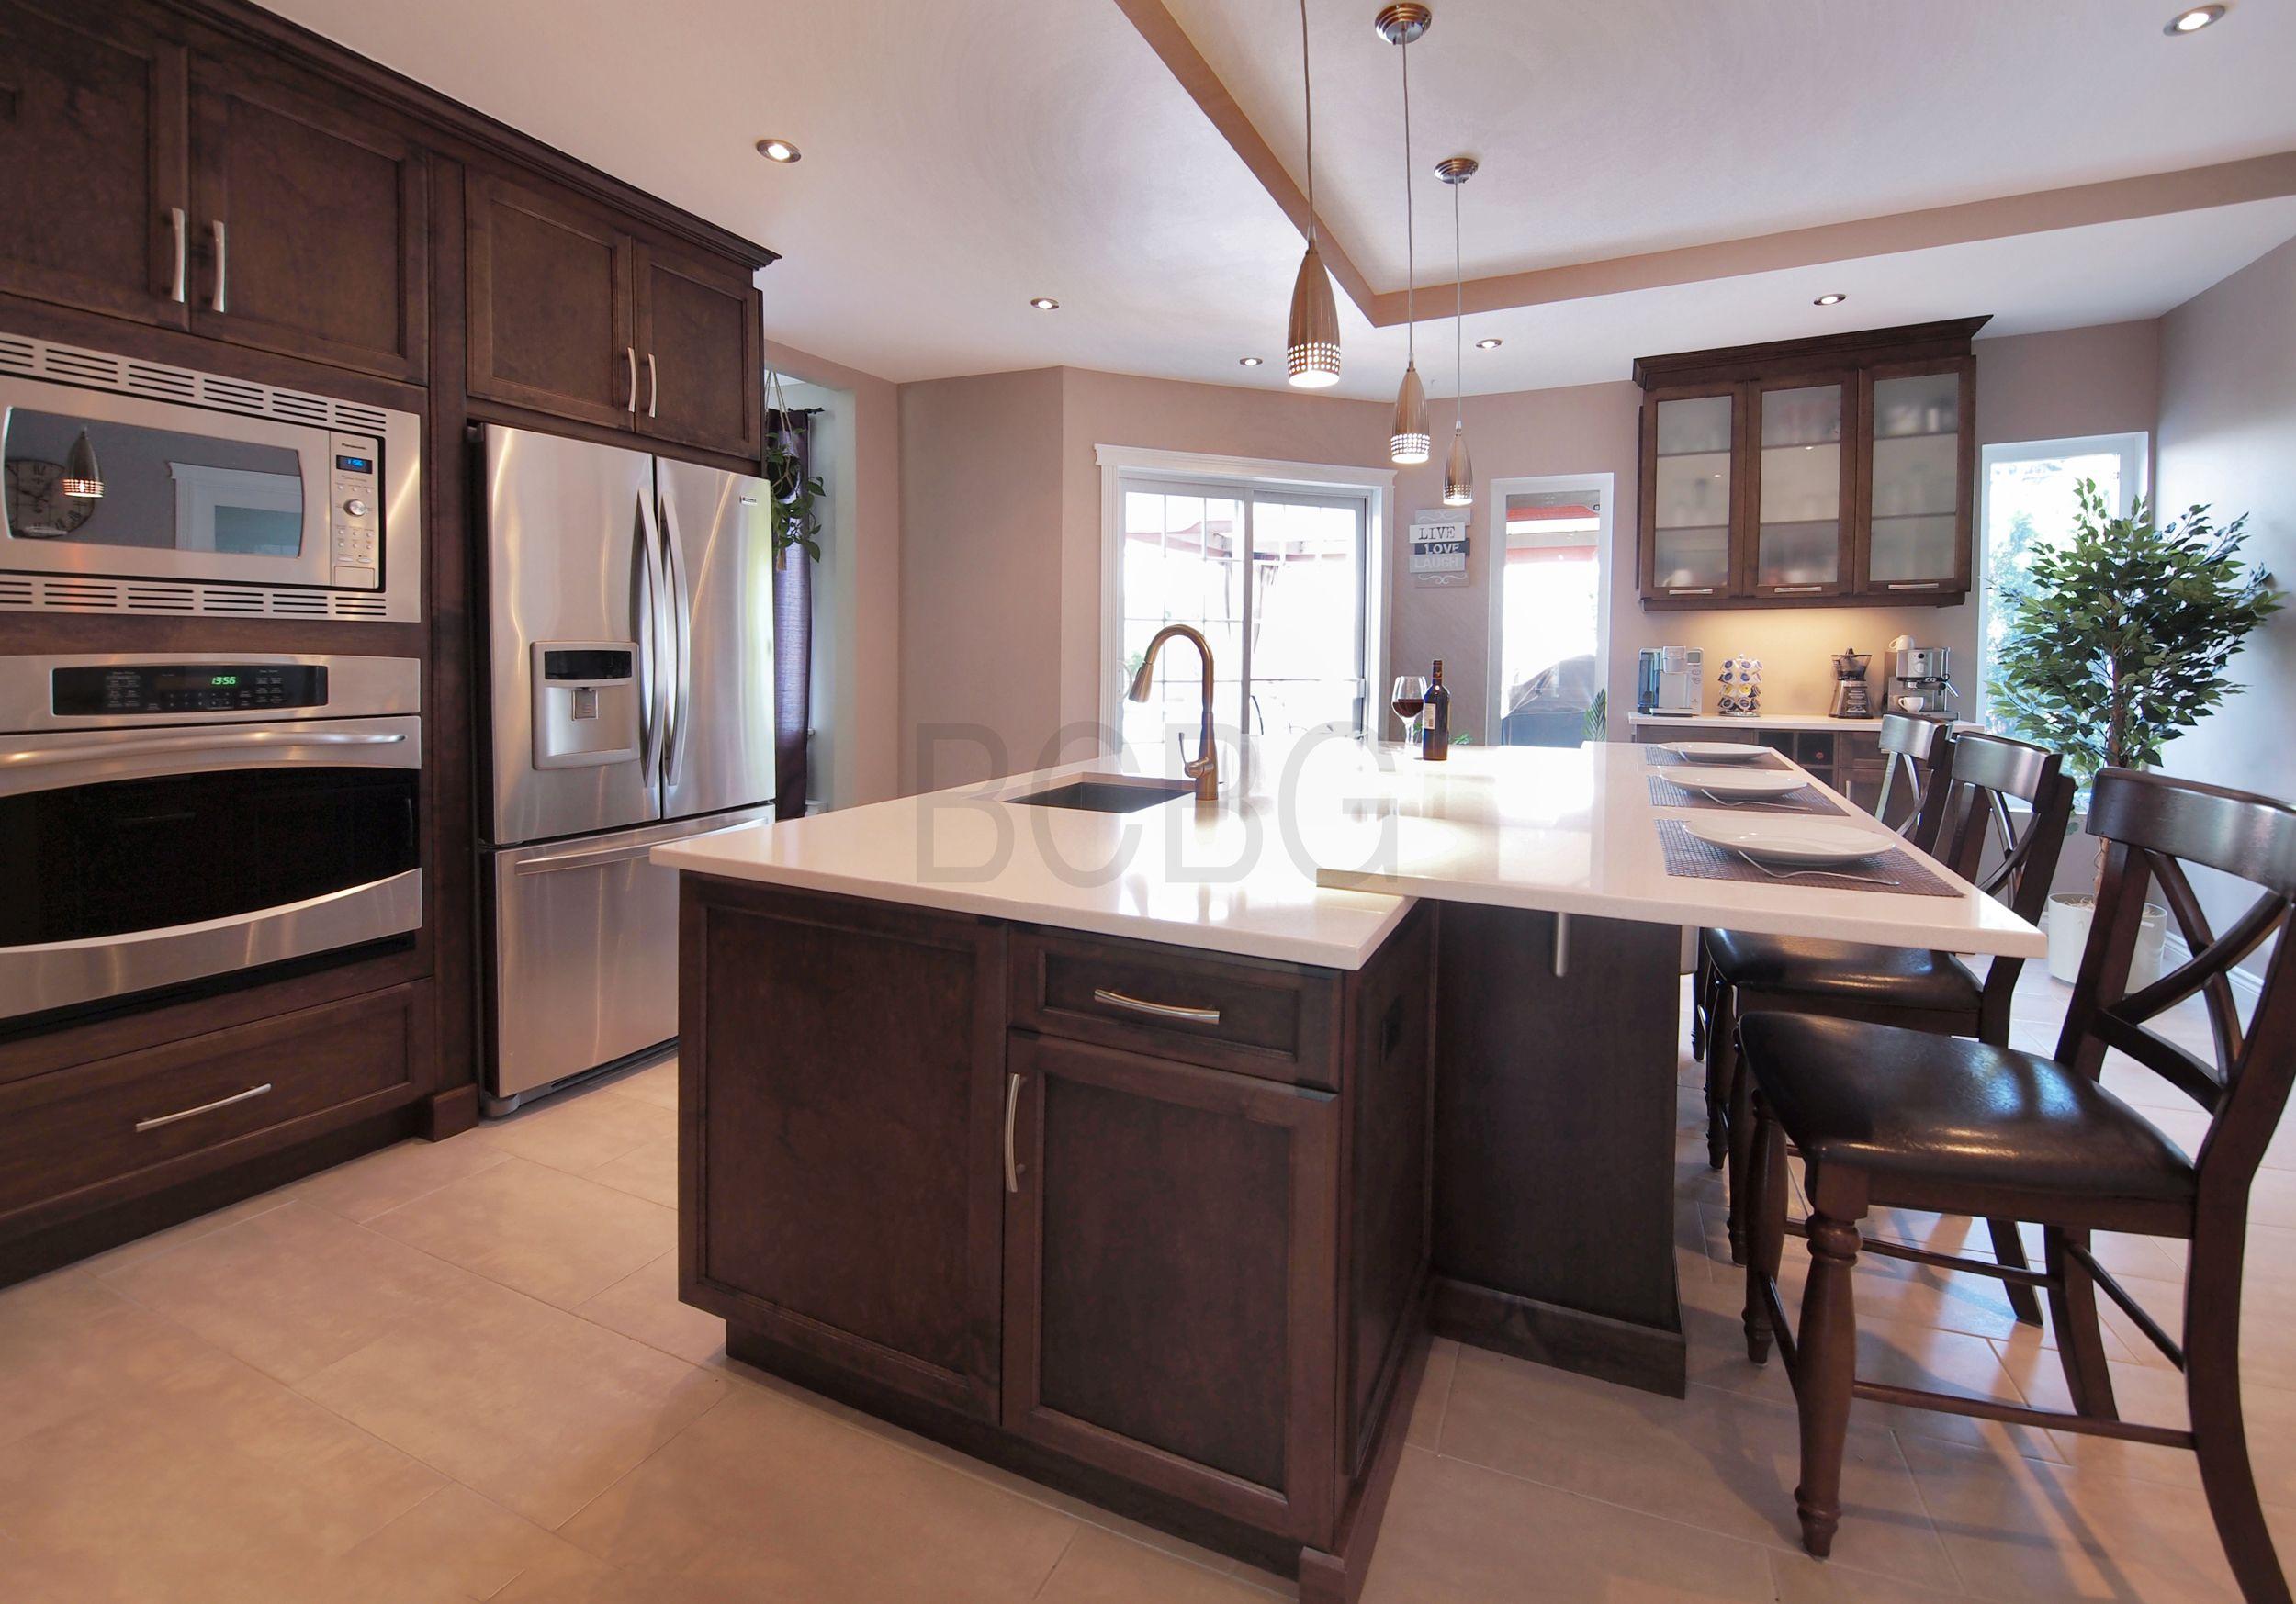 Transitional Kitchen Style With Maple Cabinet Armoires De Cuisine Sur Mesure Armoire De Cuisine Cuisine Sur Mesure